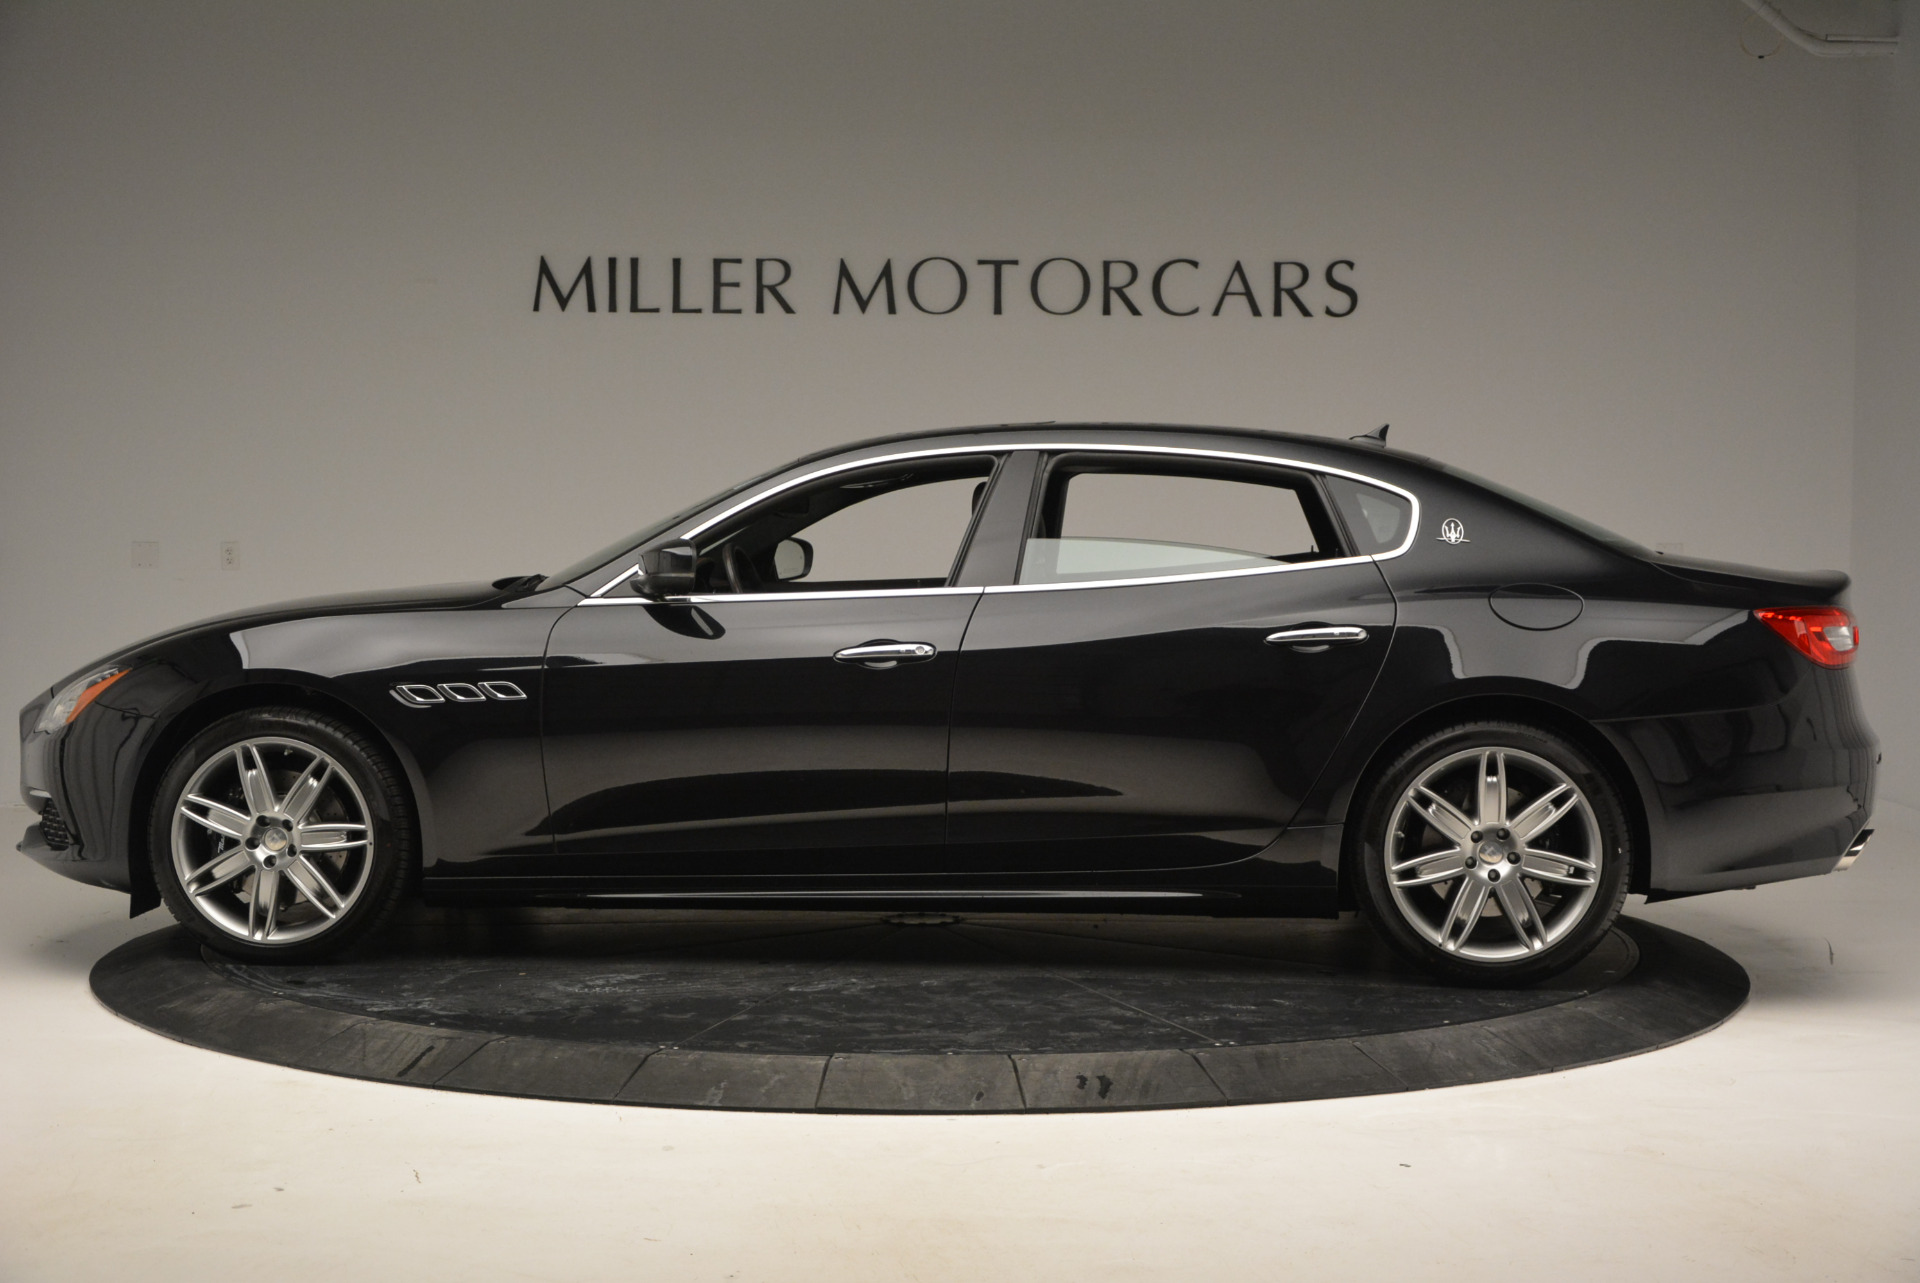 New 2017 Maserati Quattroporte S Q4 GranLusso For Sale In Westport, CT 793_p3